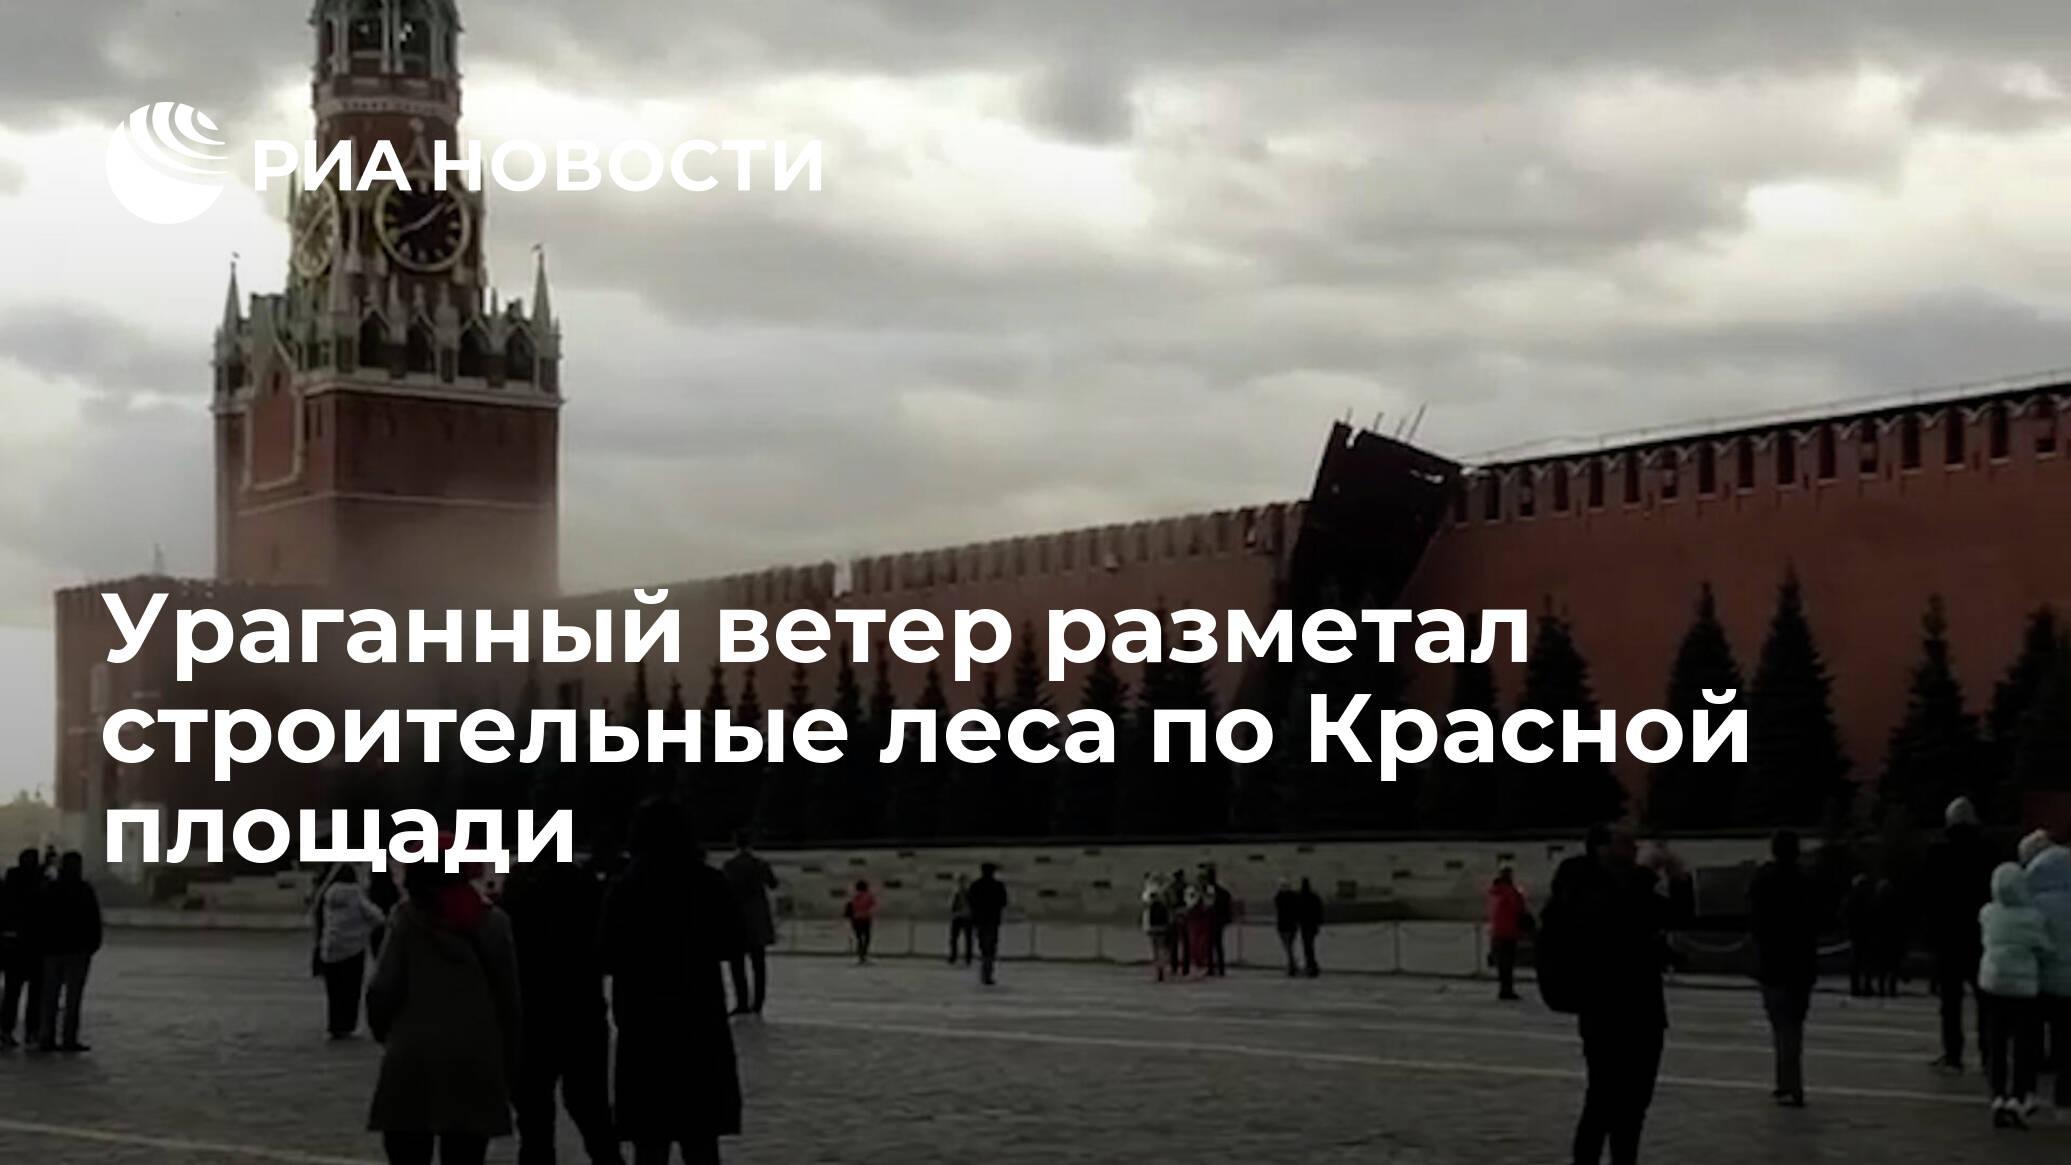 Ураганный ветер разметал строительные леса по Красной площади